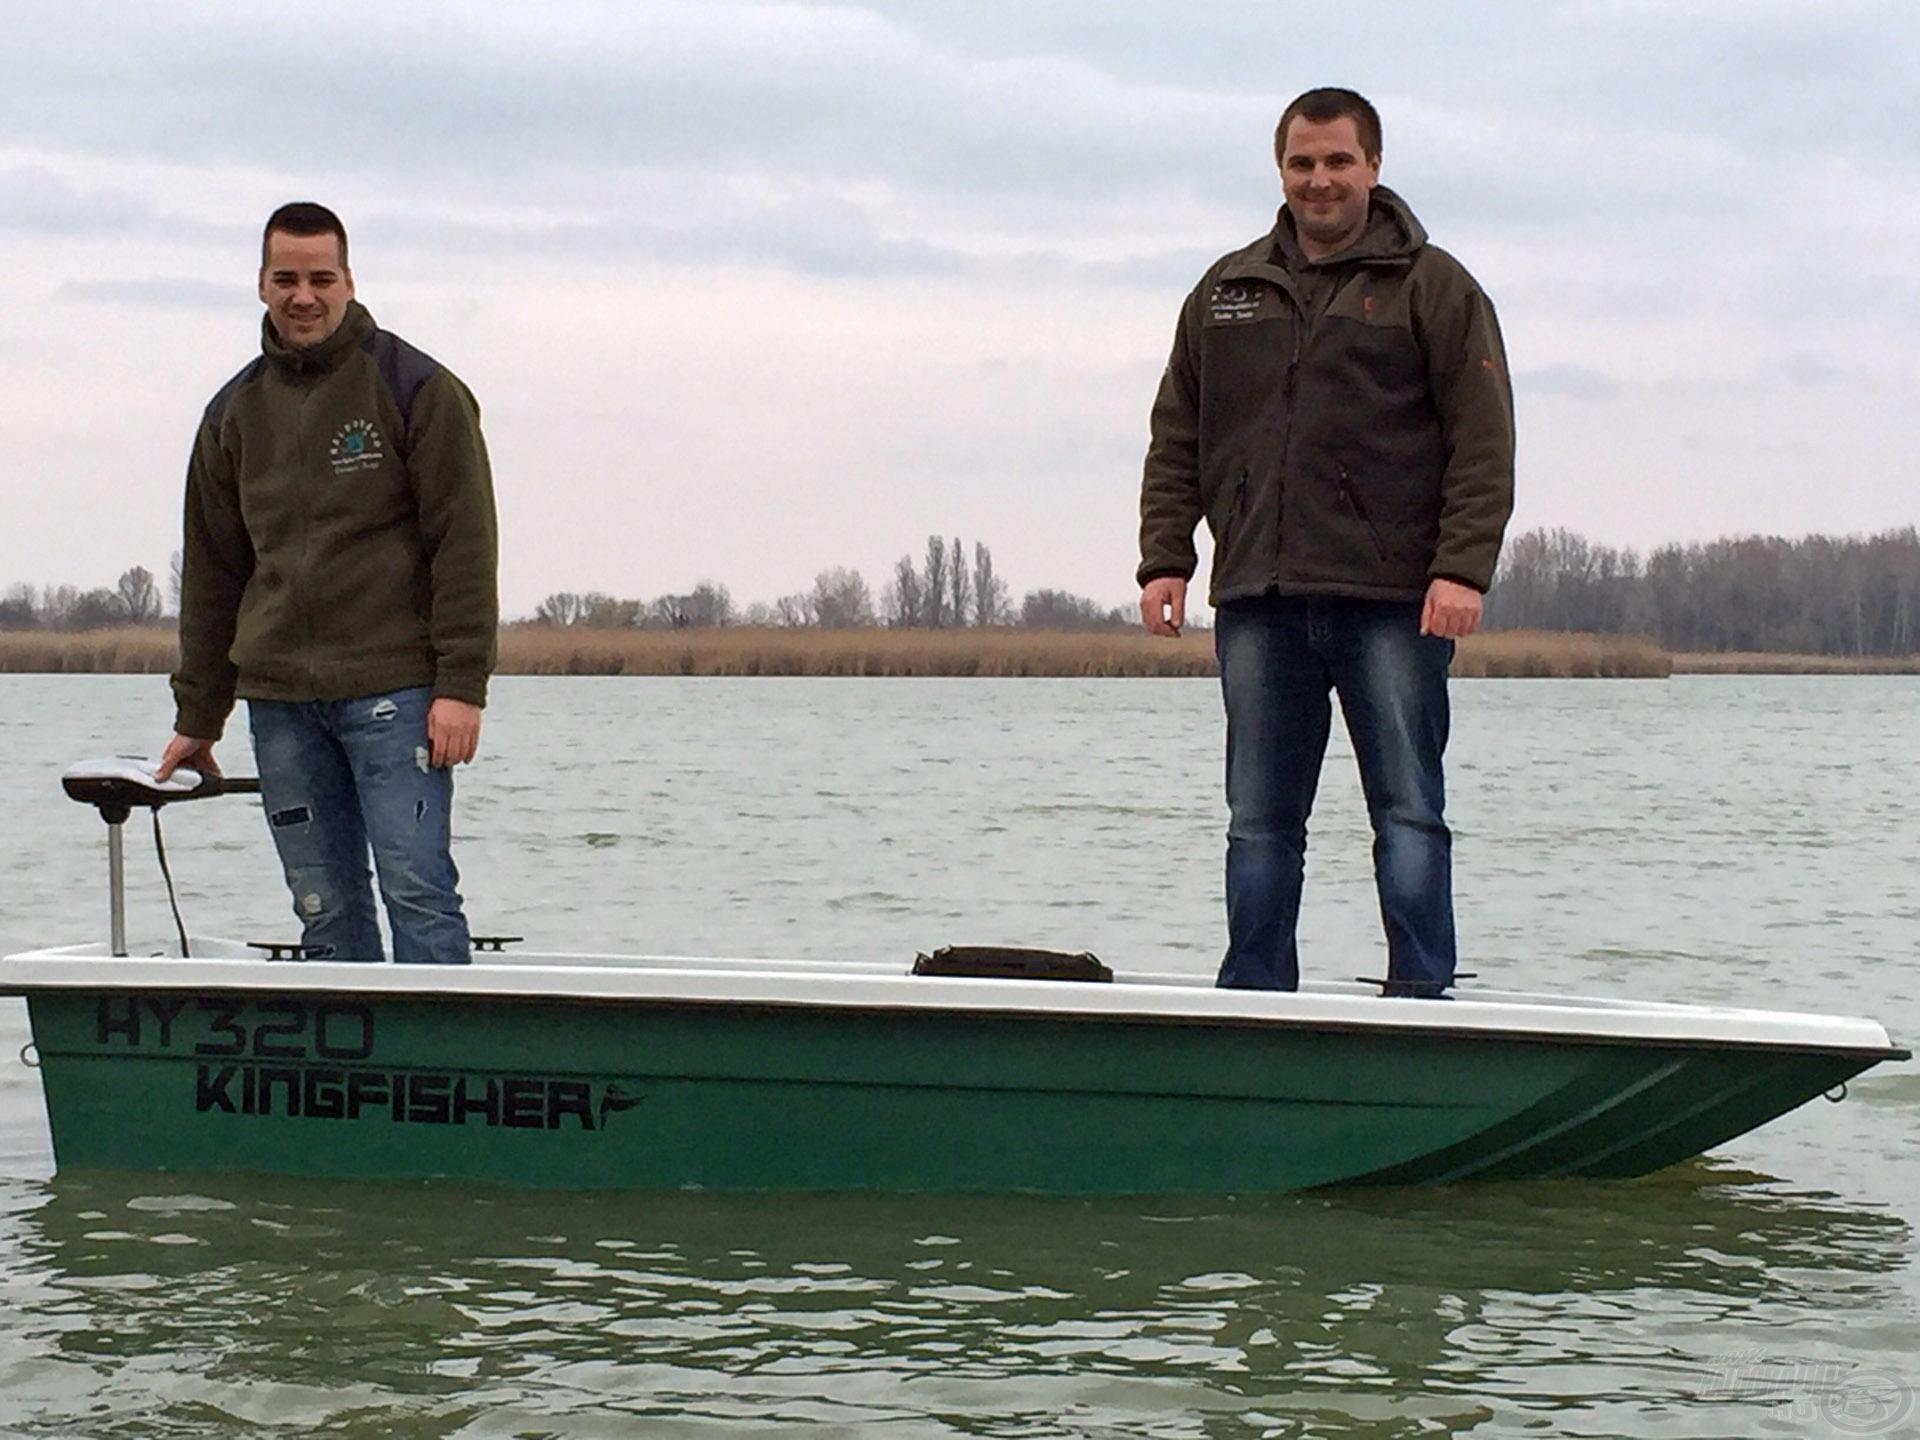 Két embernek kiváló könnyű csónak, melyre 8 lóerőig benzinmotor is tehető, ami a kis mérete miatt könnyedén tolja